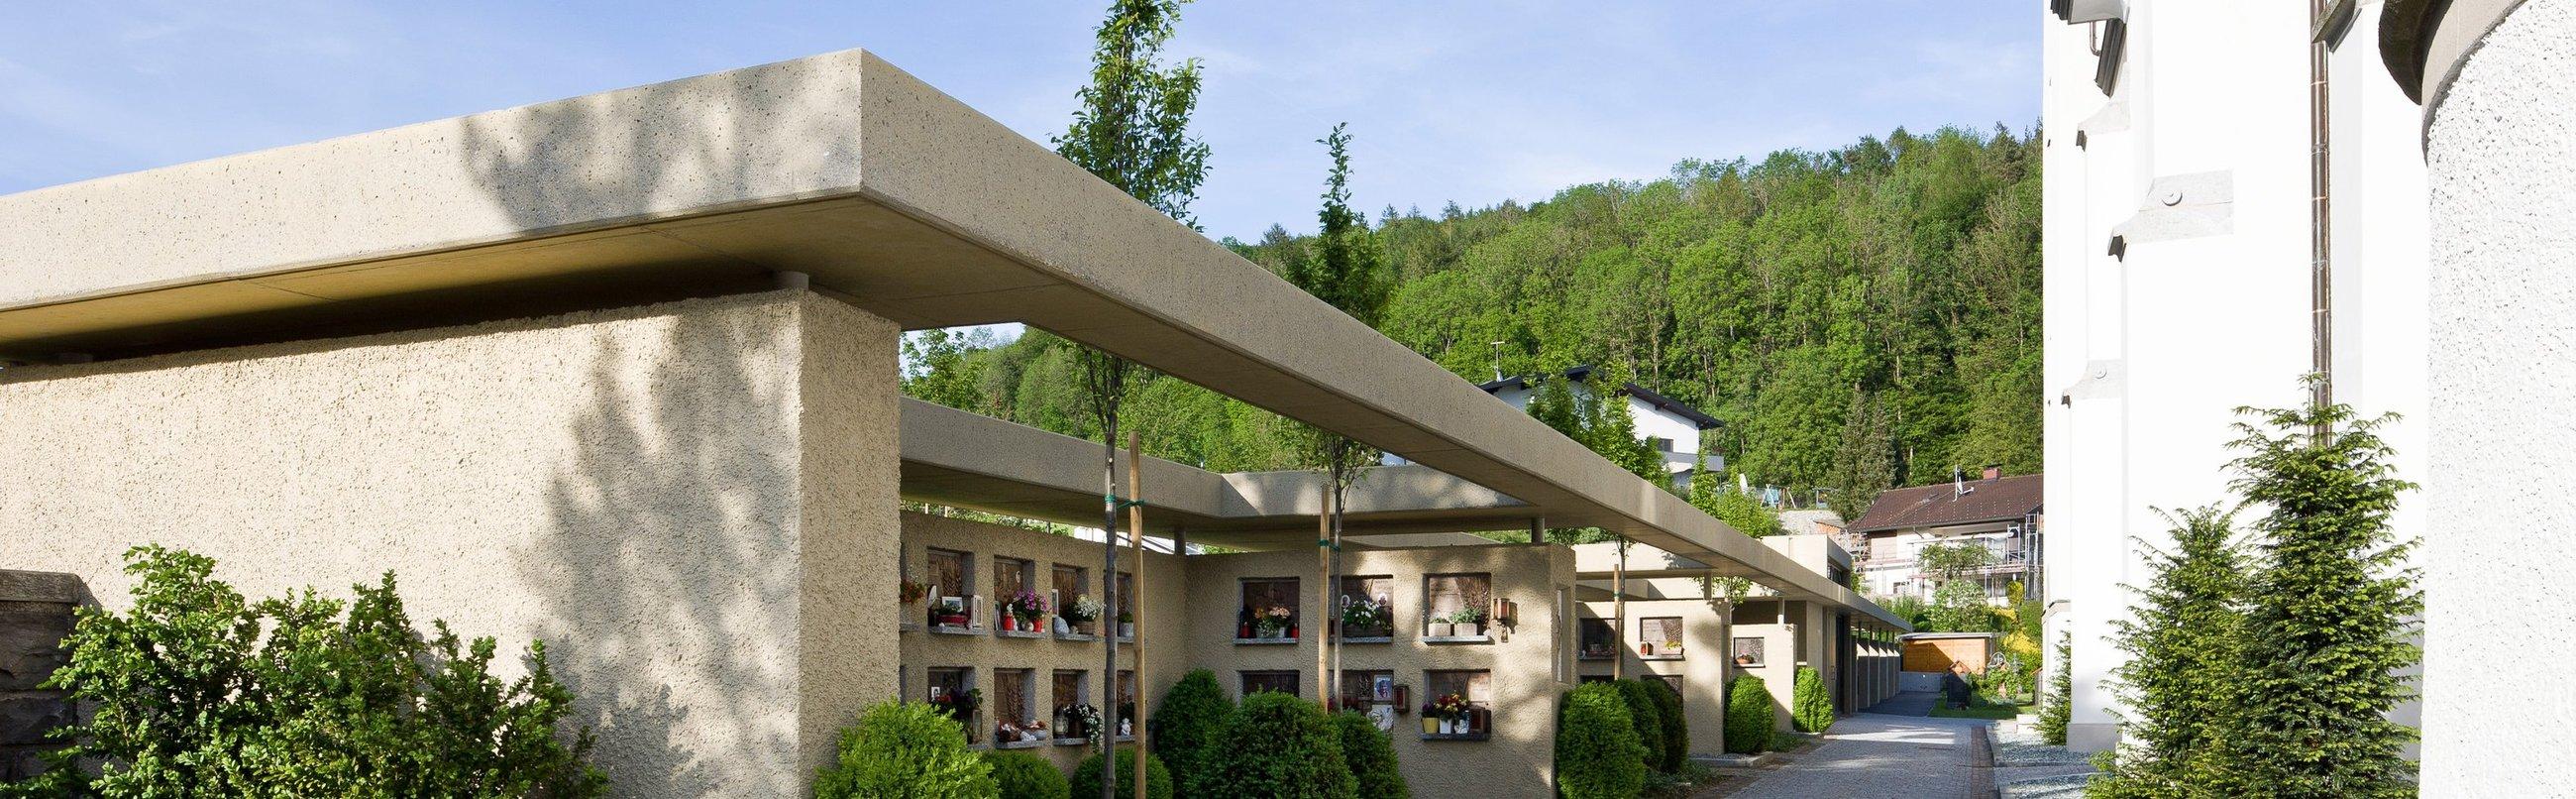 Friedhofserweiterung, Koblach drexel architekten